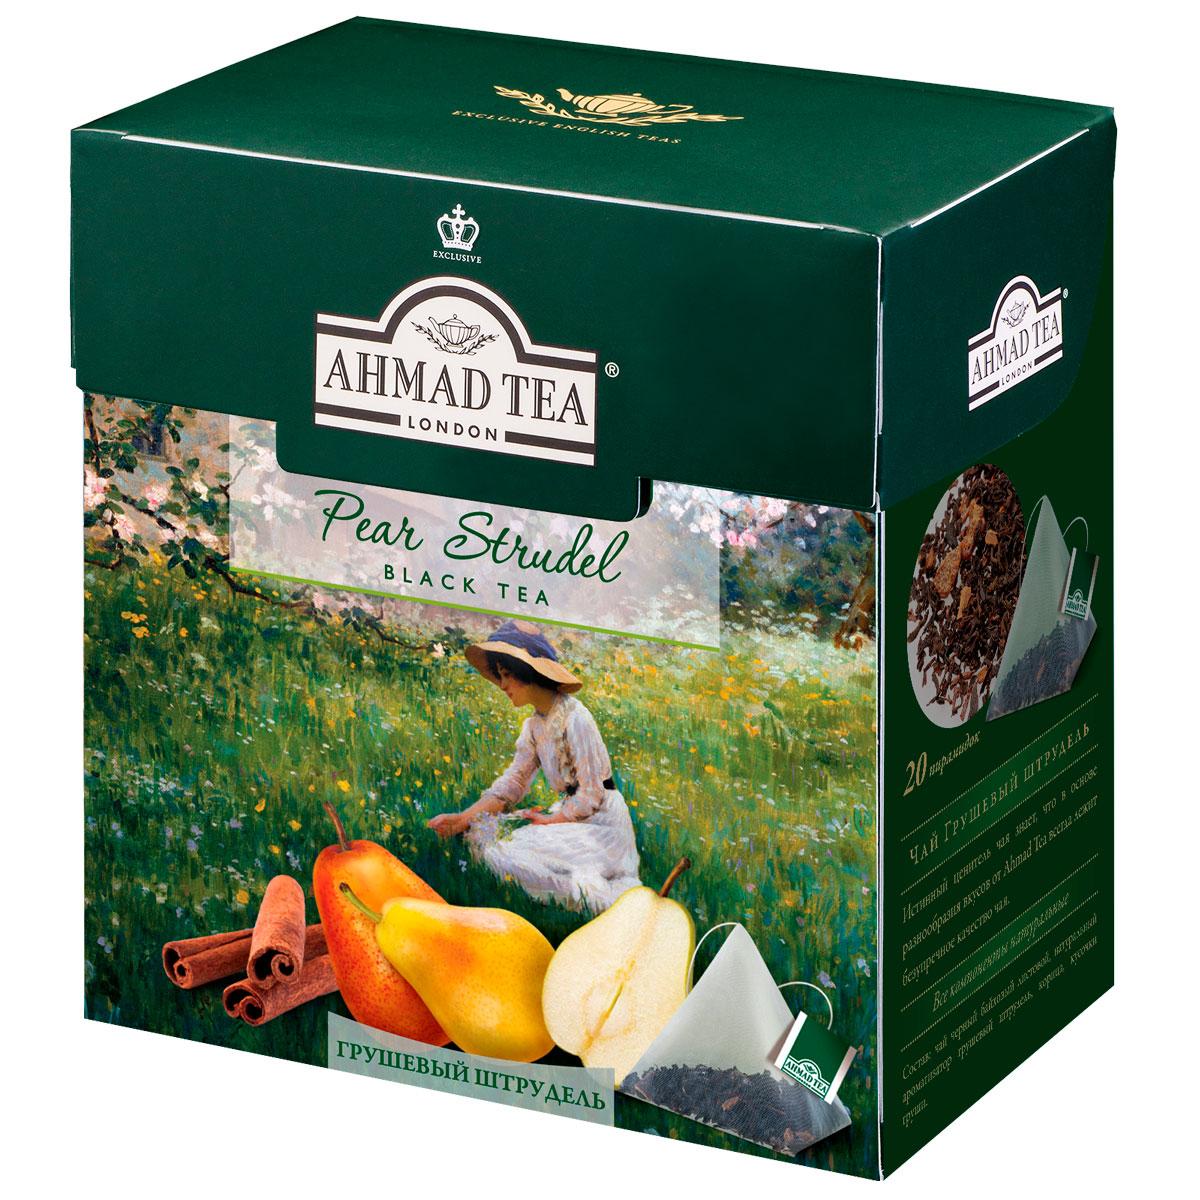 Ahmad Tea Pear Strudel черный чай в пирамидках, 20 шт0120710Вкус сладкой груши, теплая нотка корицы и отборный плантационный цейлонский чай в сочетании с чаем Ассам собраны в десертный шедевр Ahmad Tea Pear Strudel.Заваривать 5-7 минут, температура воды 100°С.